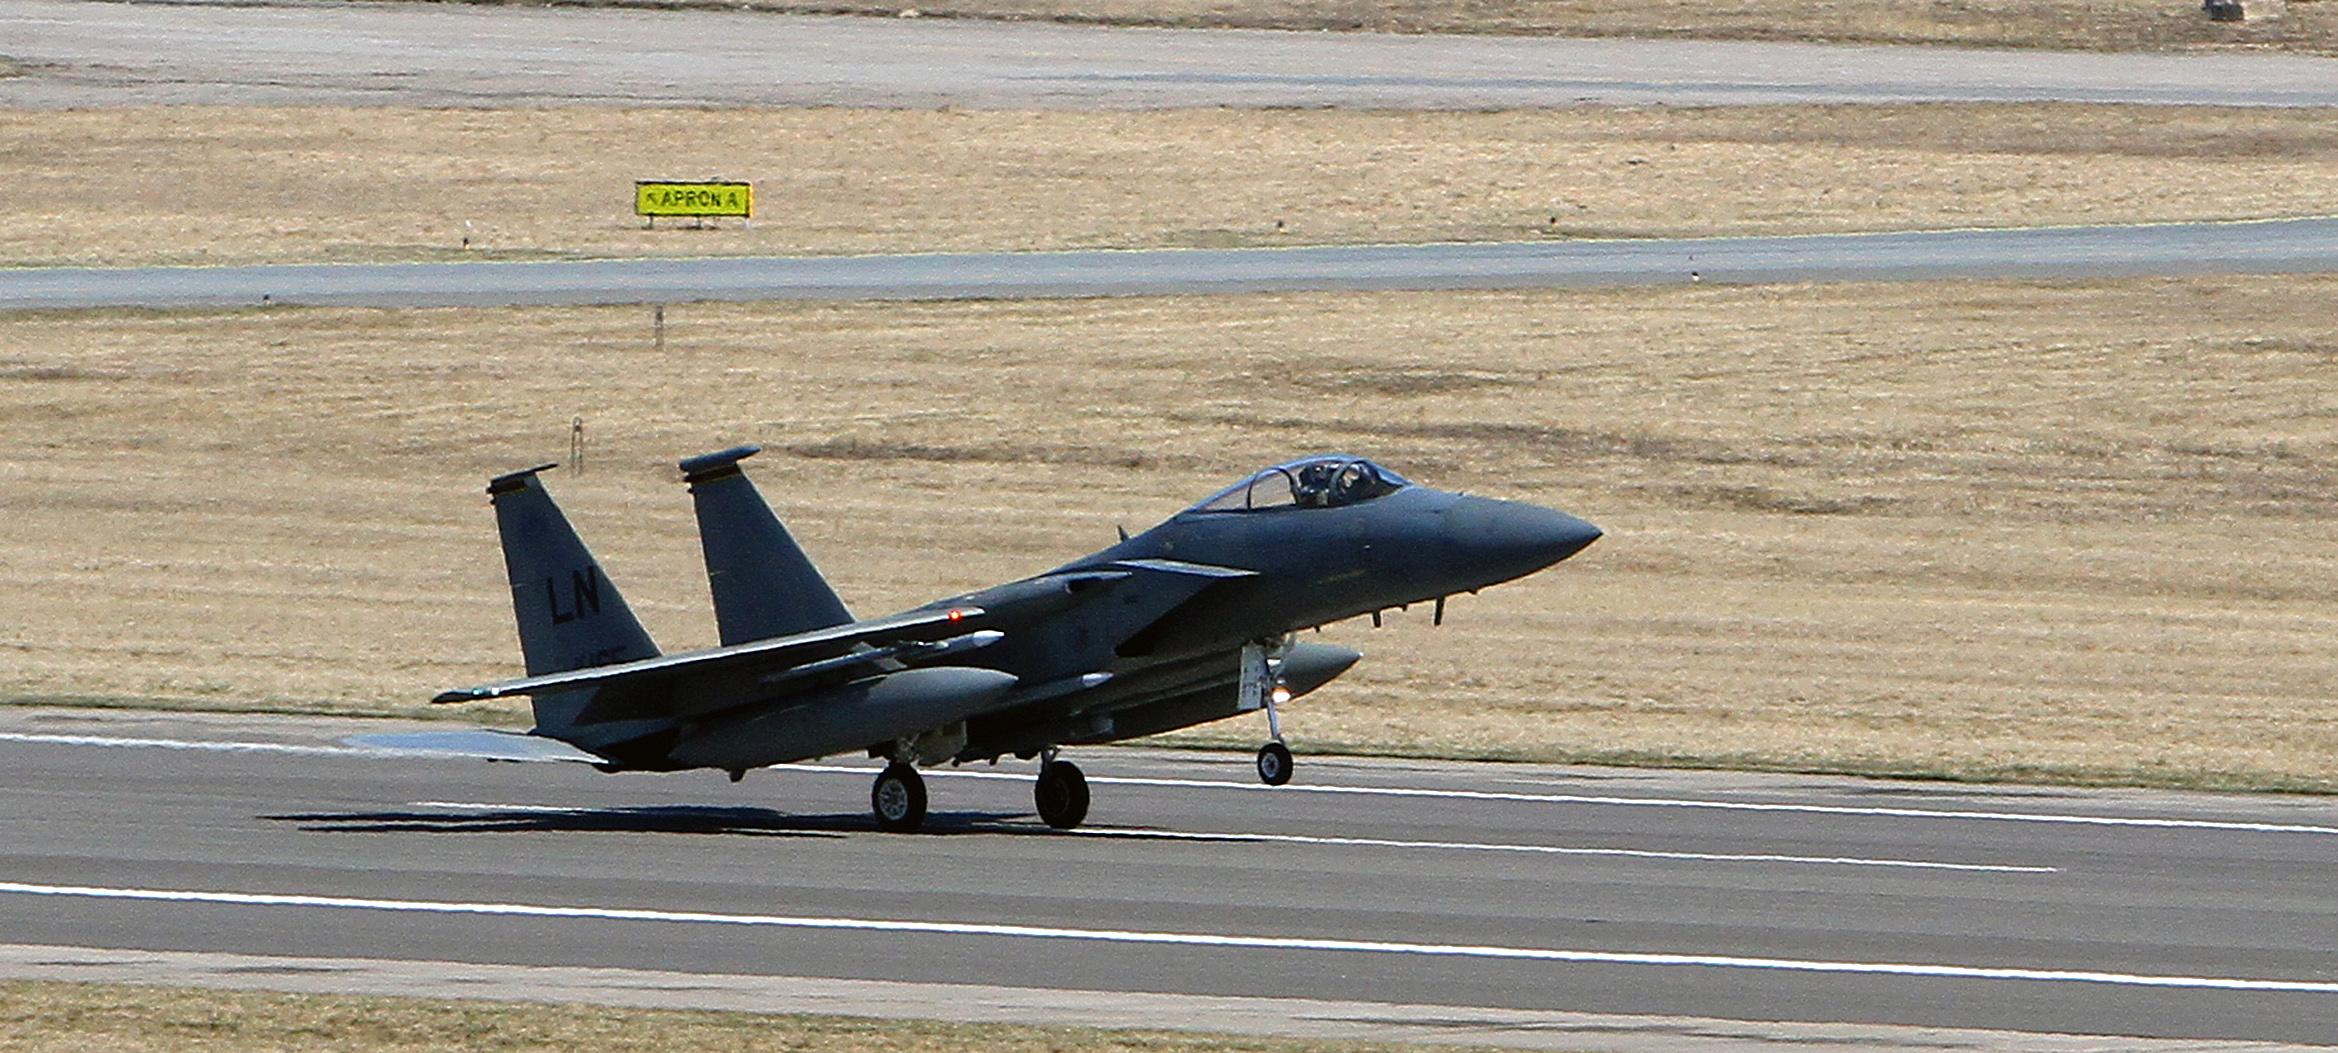 圖為一架美國F-15C鷹式戰鬥機,並非墜毀飛機。(Photo by PETRAS MALUKAS/AFP)